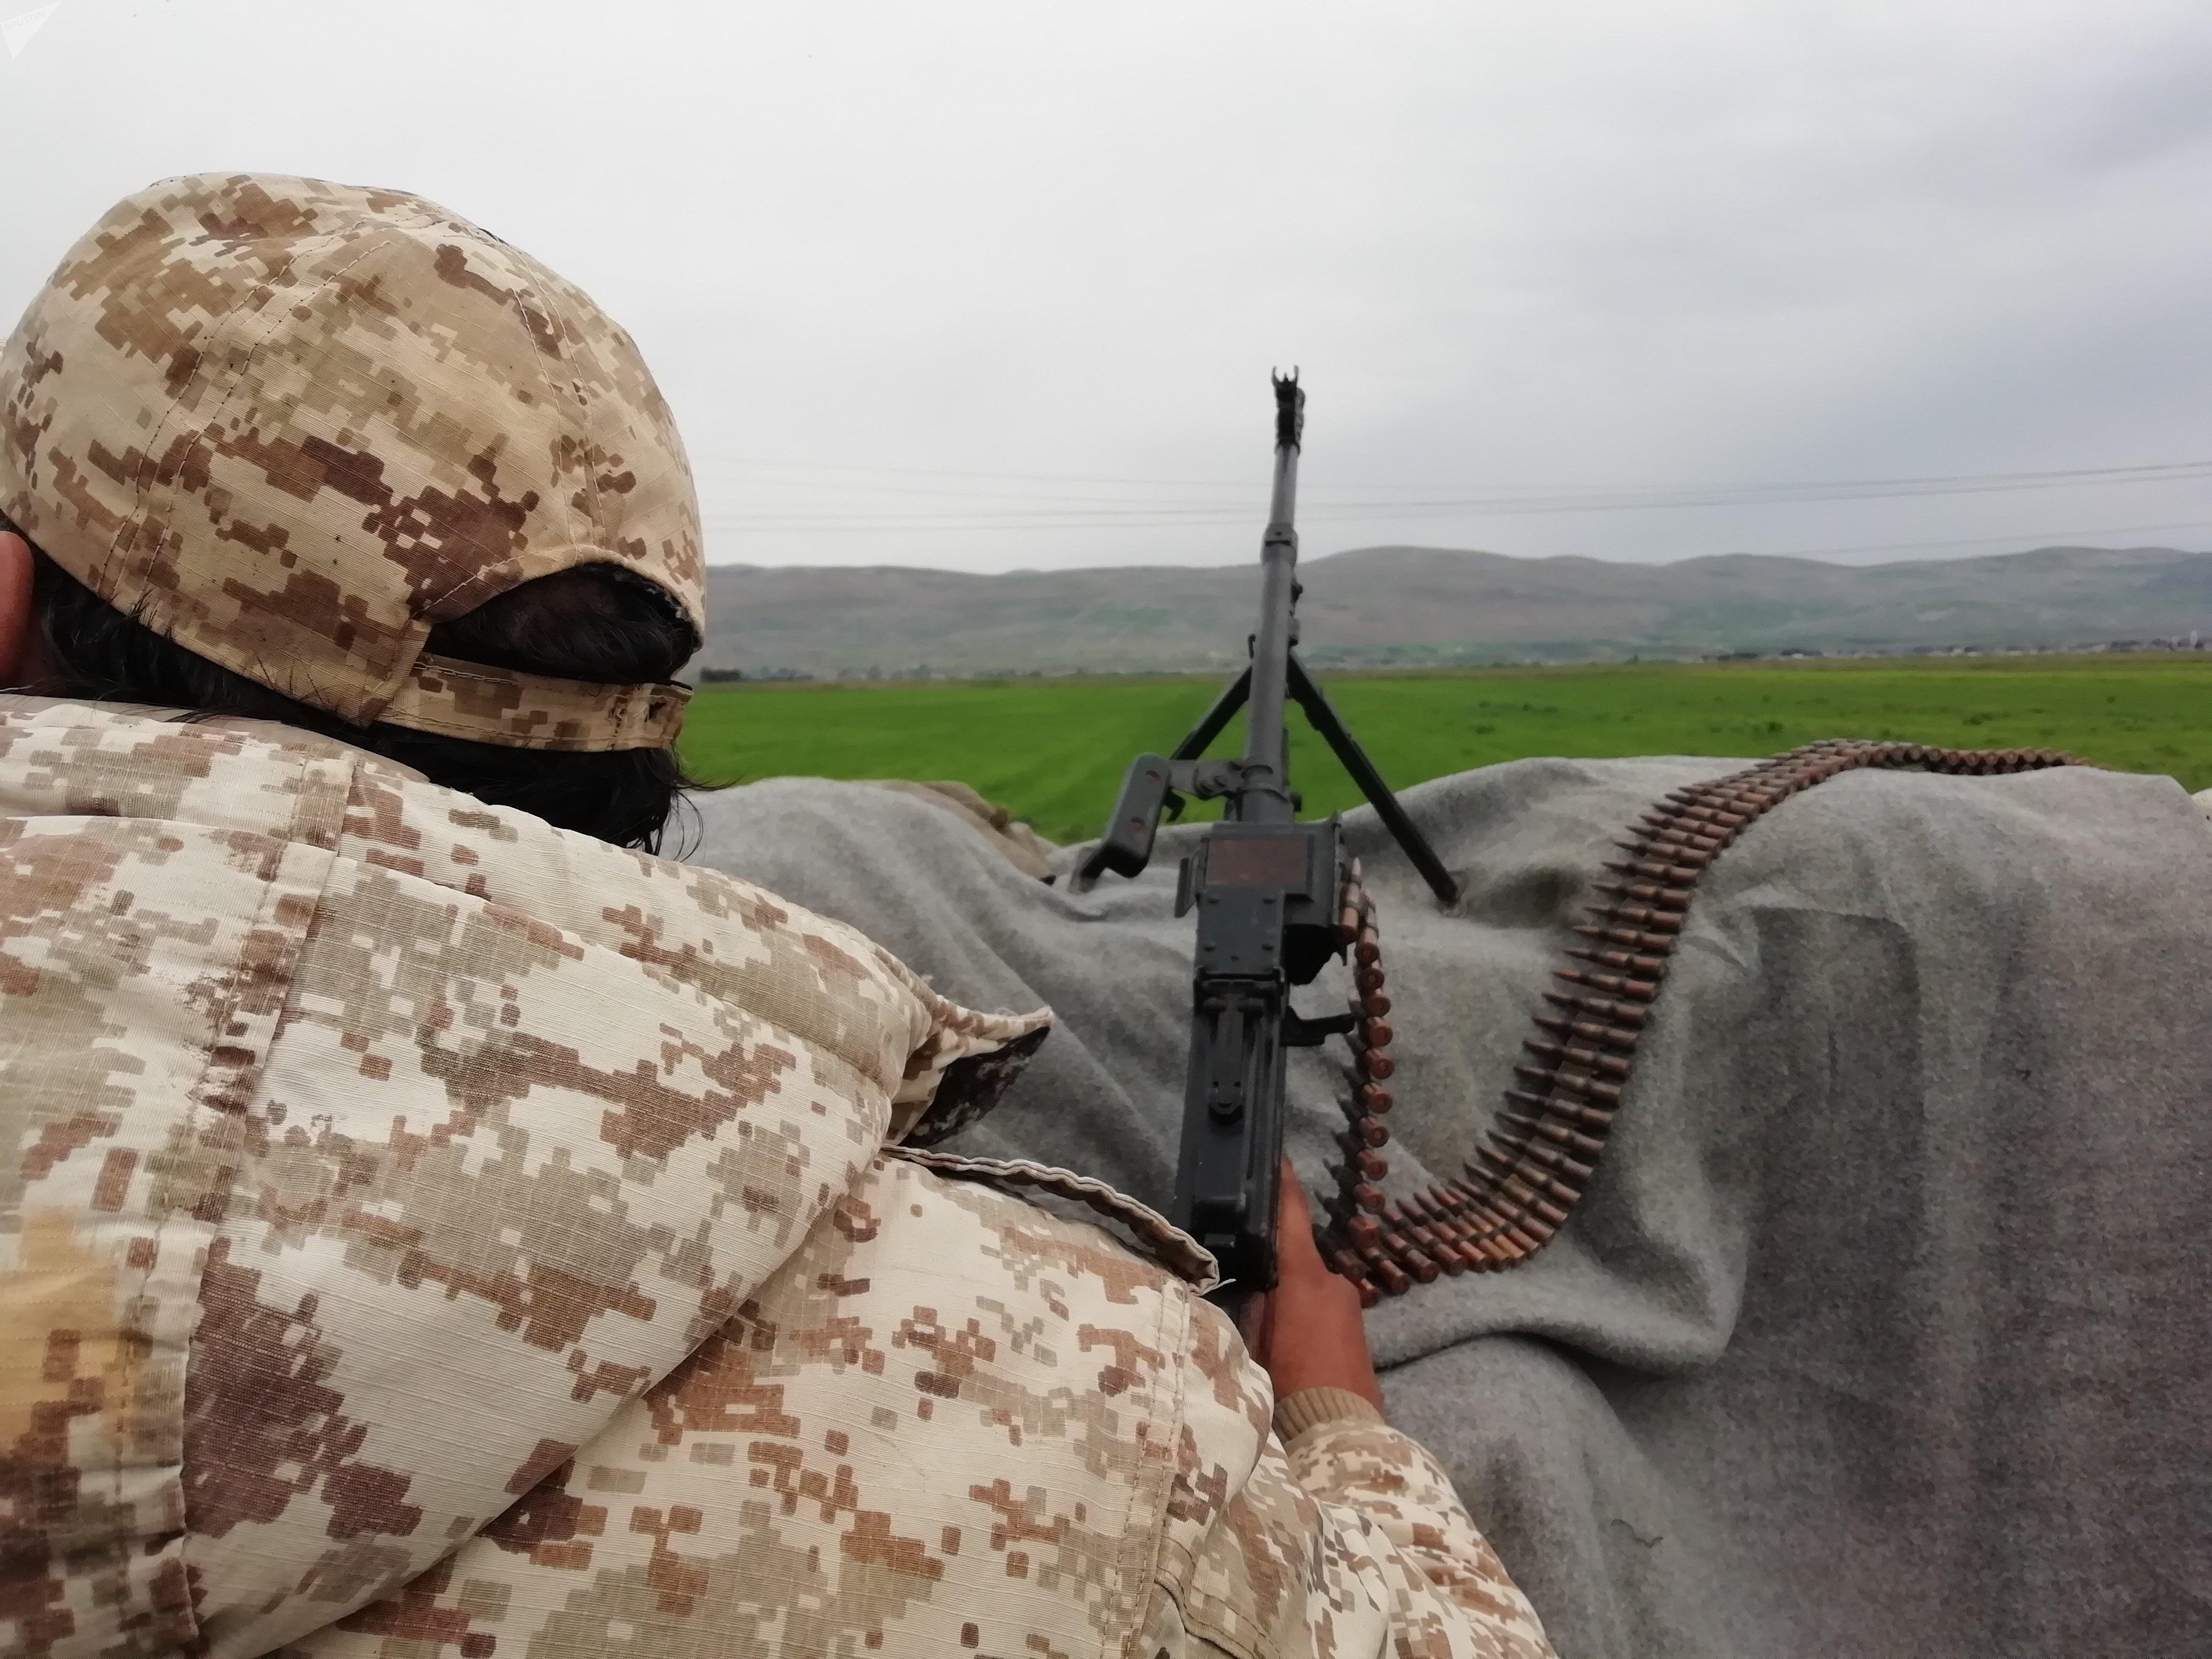 تنظيم جبهة النصرة الإرهابي يرفع جاهزيته الكيماوية في الشمال الغربي من سوريا